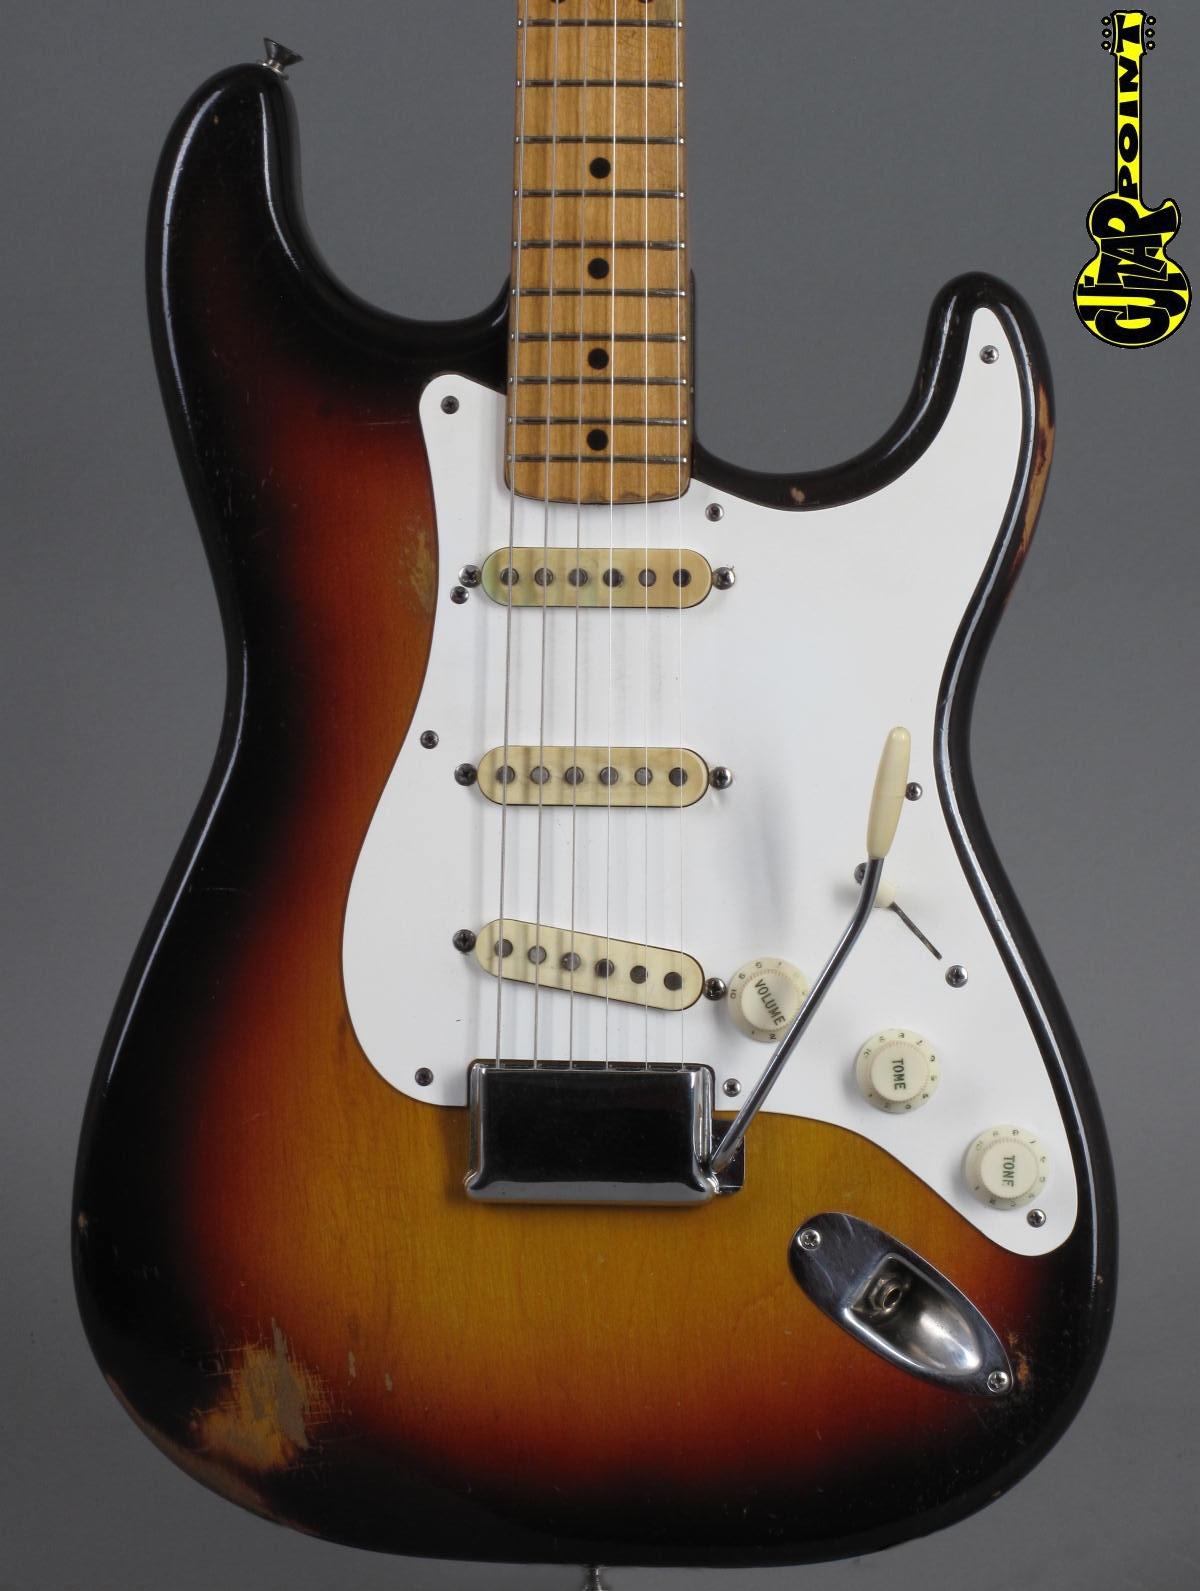 1958 Fender Stratocaster - 3-tone Sunburst